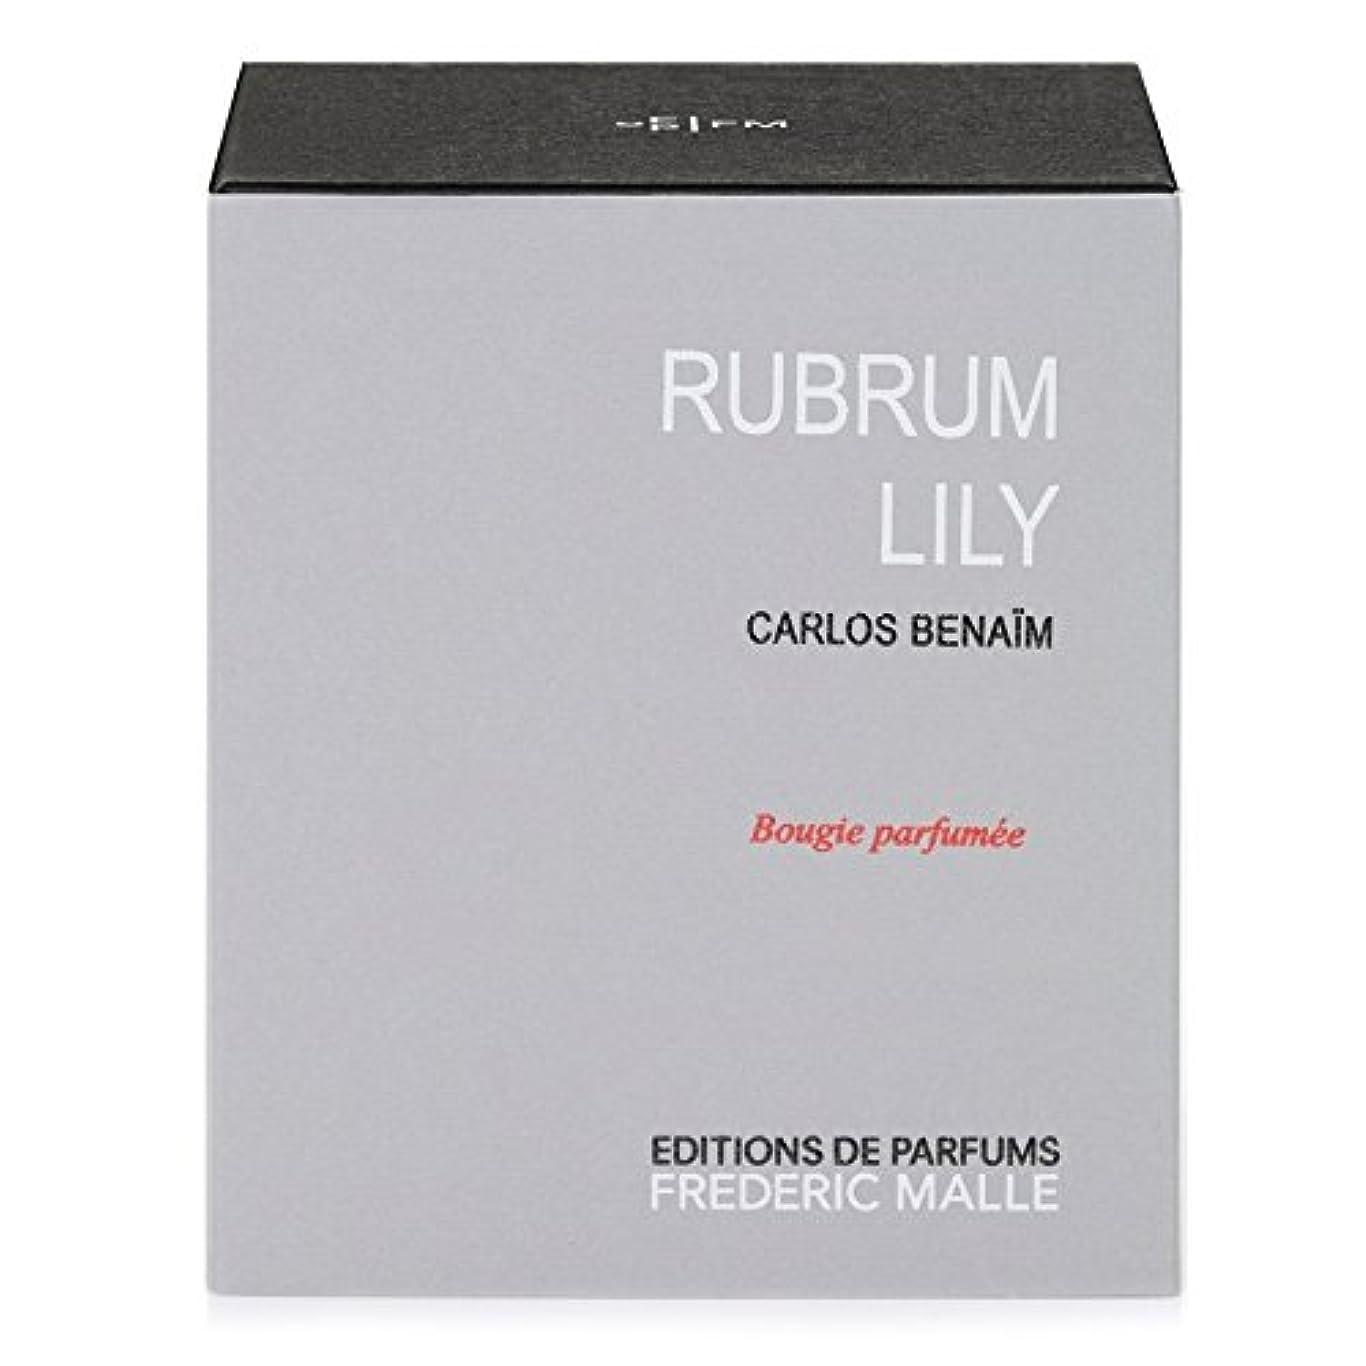 可能歯車治療Frederic Malle Rubrum Lily Scented Candle - フレデリック?マルルブルムユリの香りのキャンドル [並行輸入品]